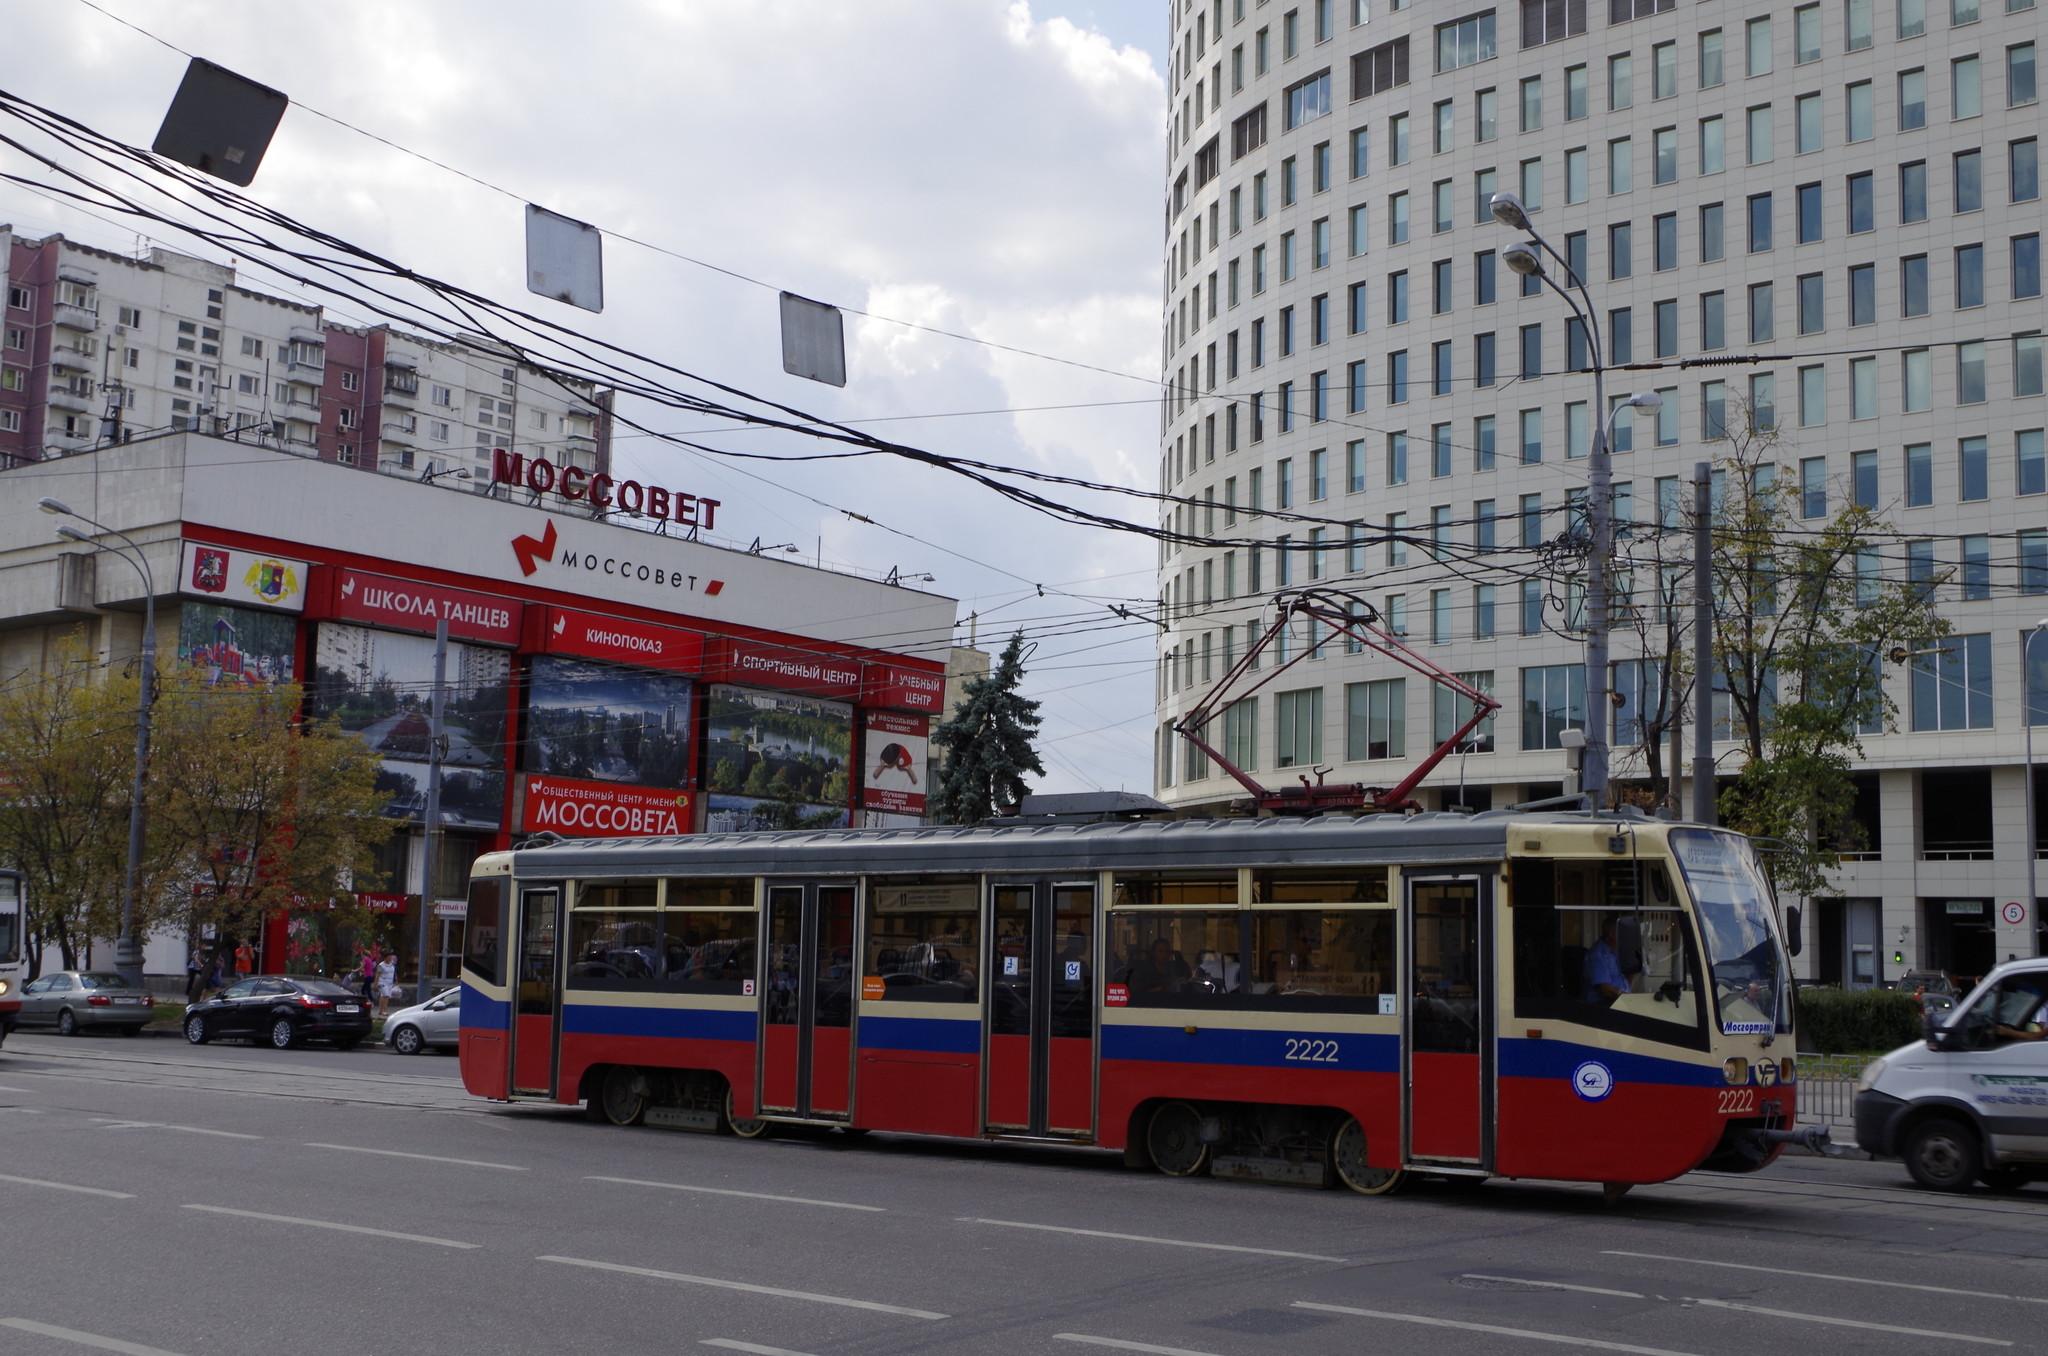 Трамвайный вагон № 2222 модель 71-619К (КТМ-19) на маршруте № 11. Преображенская площадь